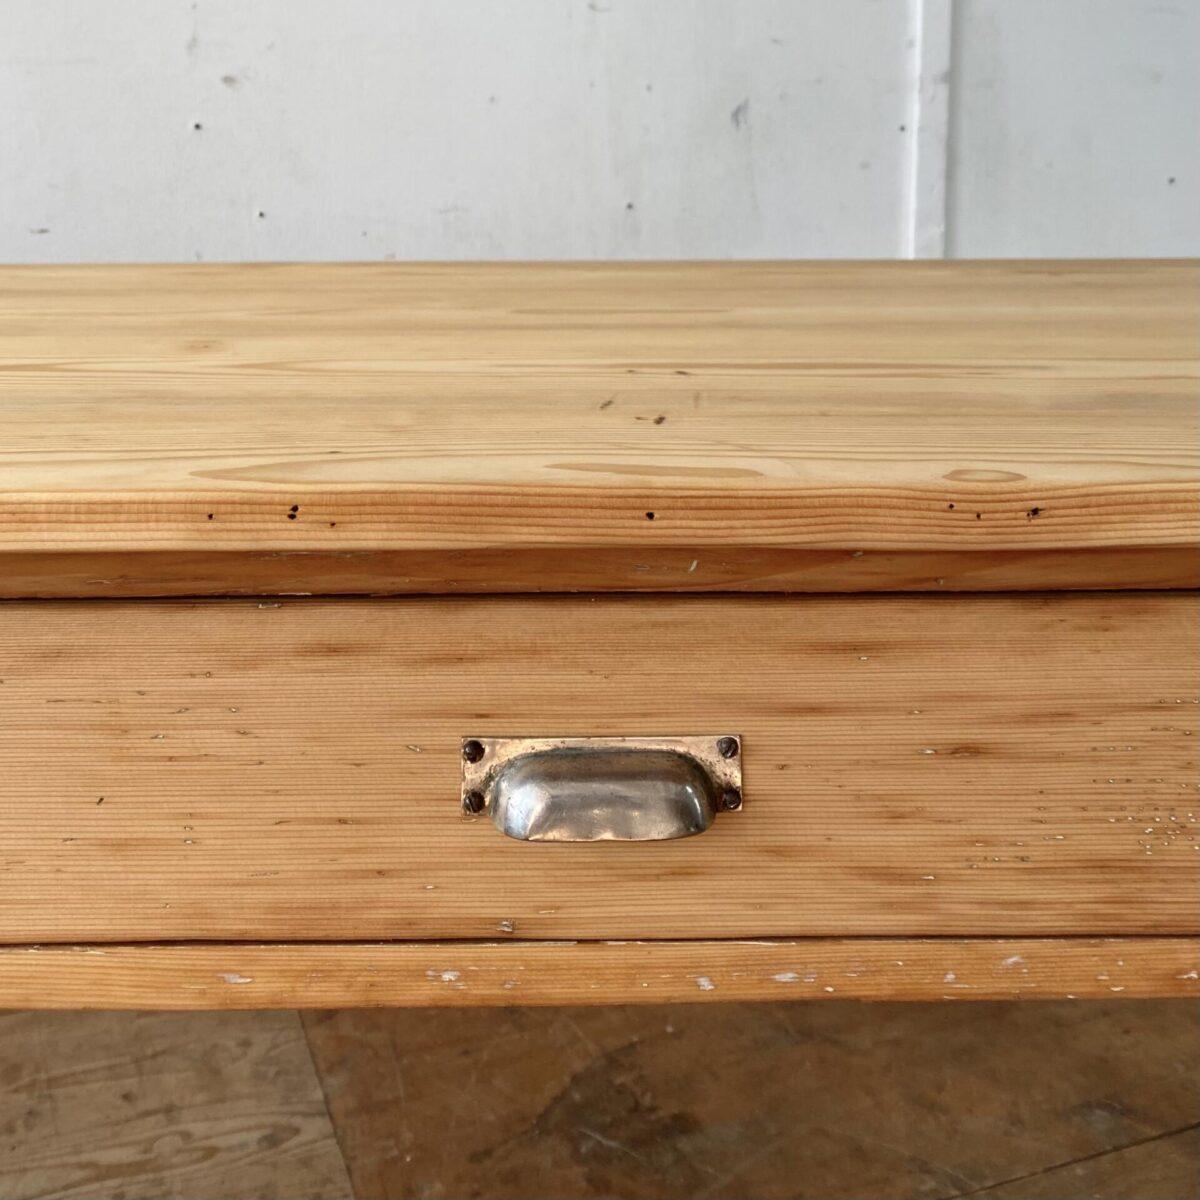 Deuxieme.shop alter Holztisch. Tannenholz Biedermeiertisch mit Schublade. 180x77.5cm Höhe 77cm. Der Tisch ist in stabilem Zustand, leichte Alterspatina und Gebrauchsspuren. Die Holzoberflächen sind mit Naturöl behandelt. Es finden bis zu 8 Personen daran Platz.